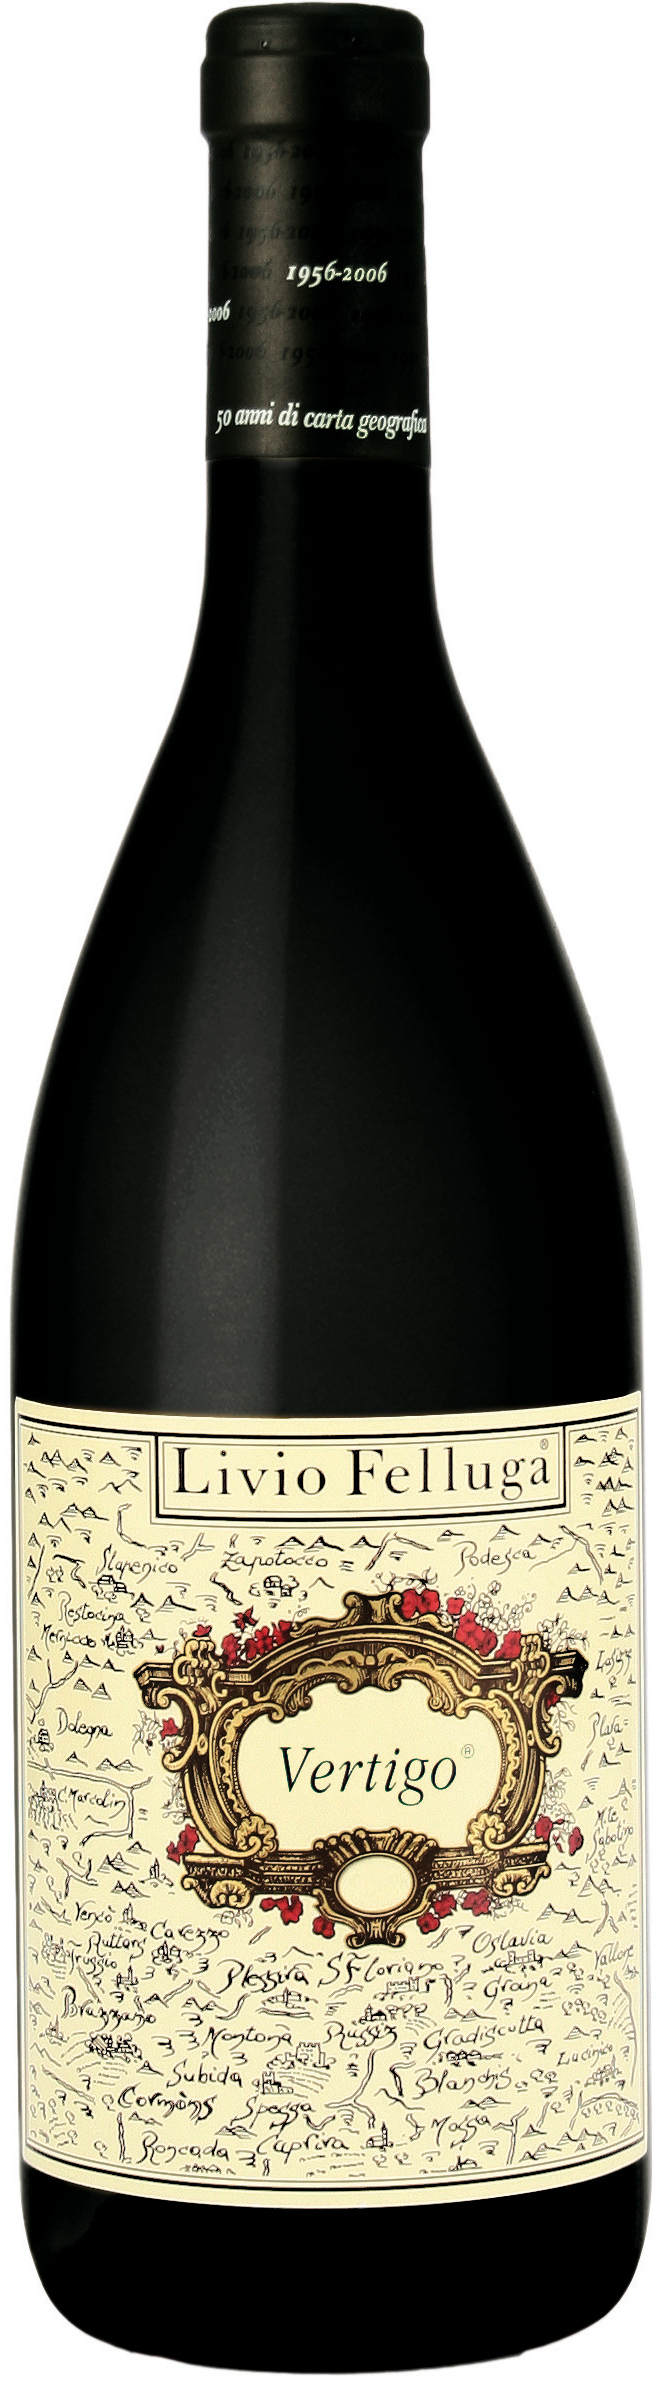 Livio Felluga, `Vertigo` 2013